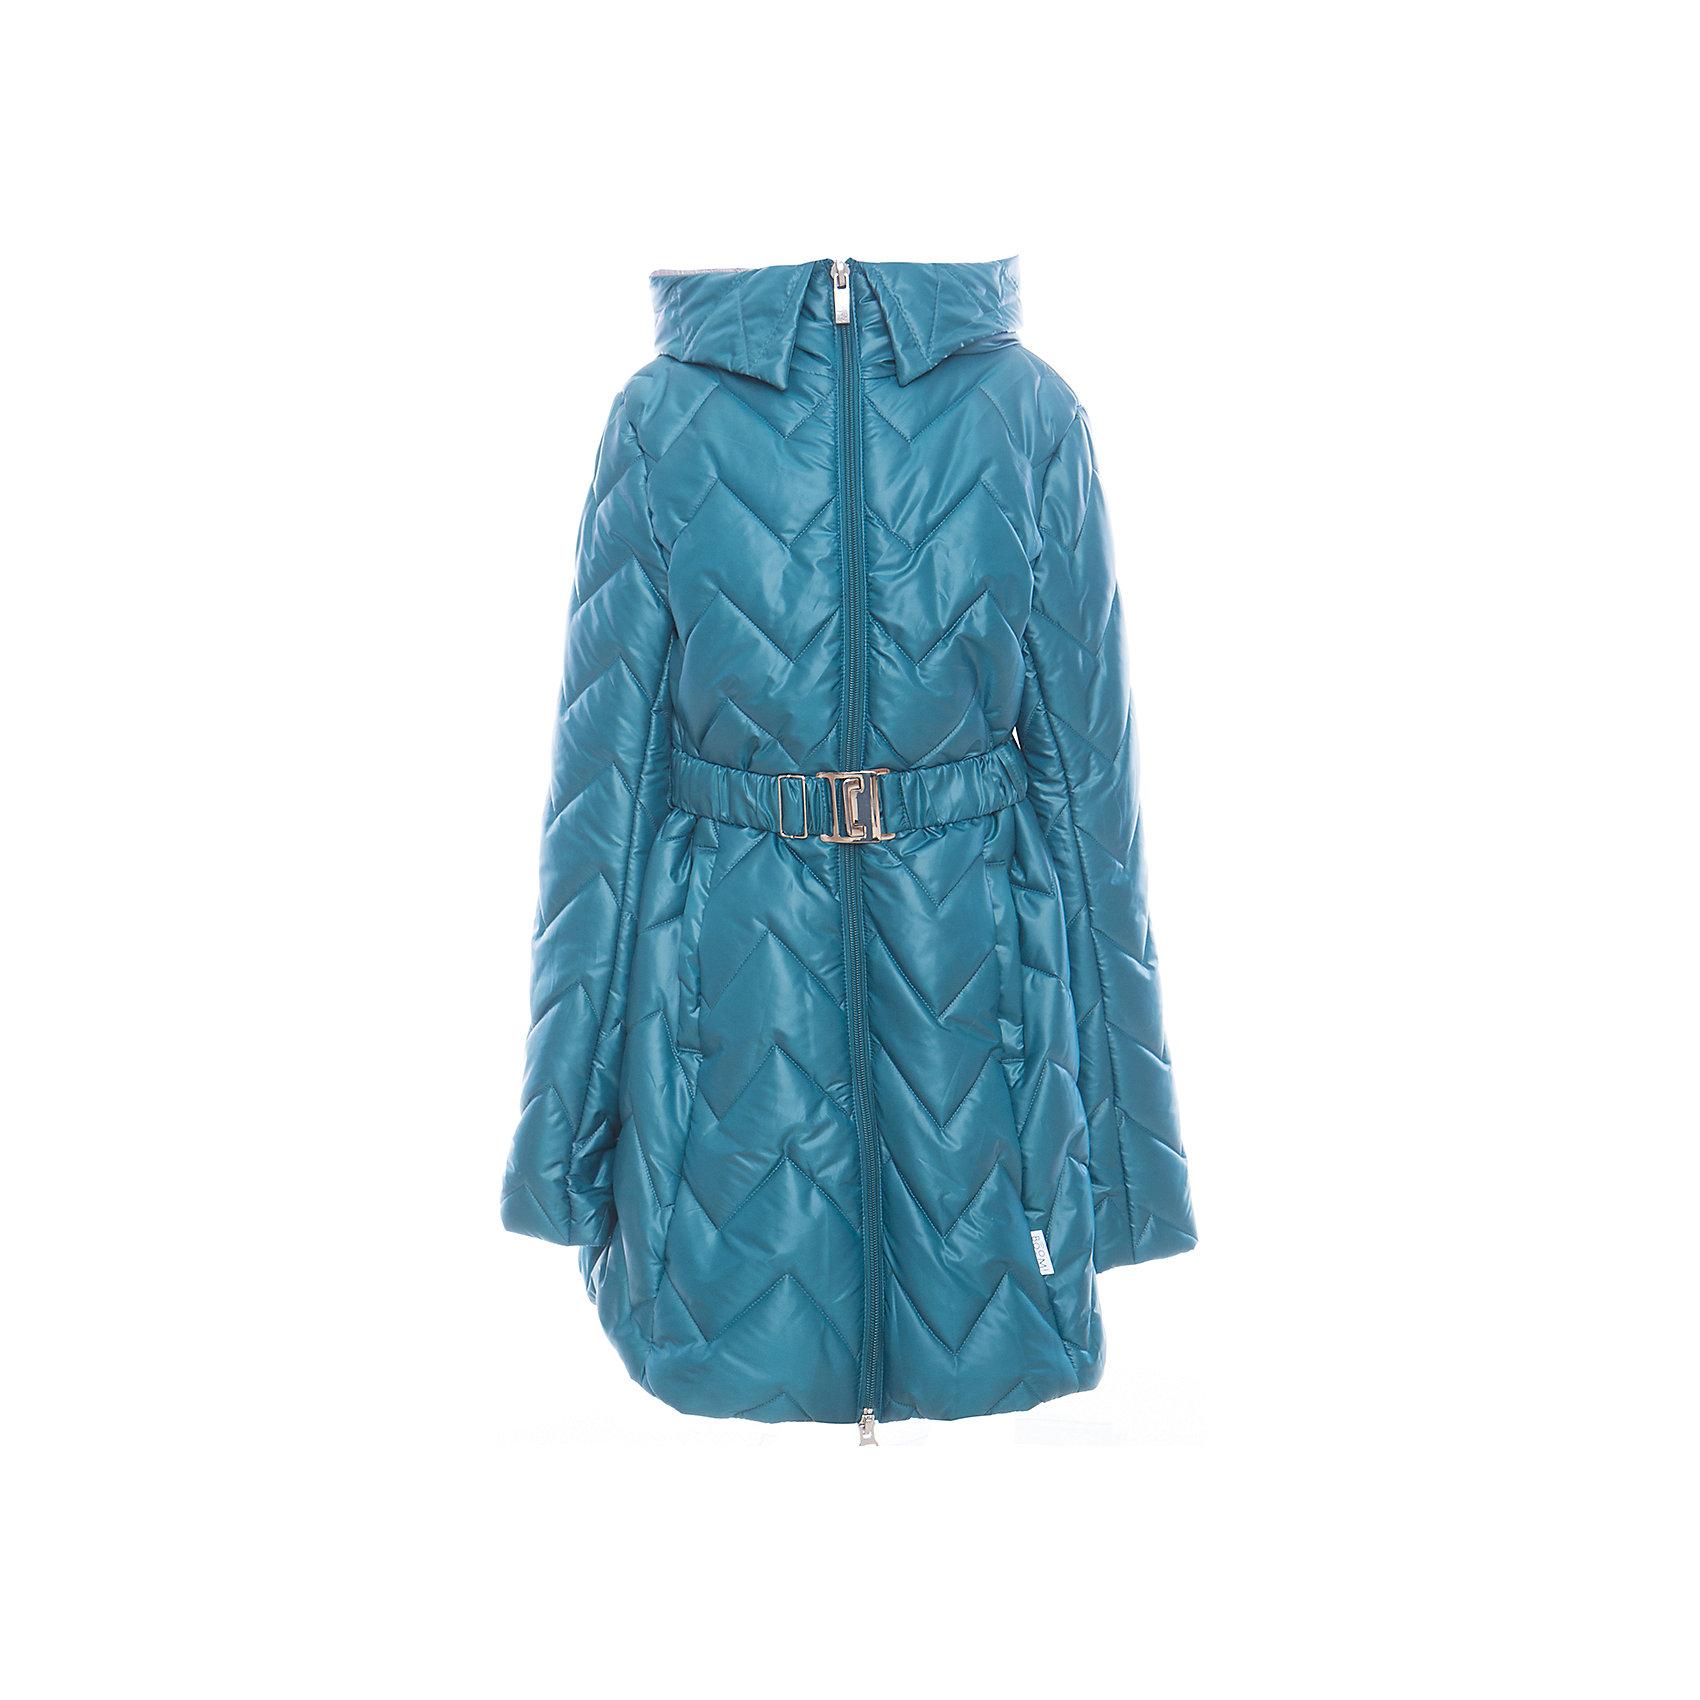 Пальто для девочки BOOM by OrbyВерхняя одежда<br>Характеристики товара:<br><br>• цвет: зеленый (изумрудный)<br>• состав: 100% полиэстер; верх - таффета , подкладка - флис, поликоттон, полиэстер, утеплитель: Flexy Fiber 150 г/м2<br>• температурный режим: от -5 С° до +10 С° <br>• капюшон (не отстегивается)<br>• карманы<br>• пояс с пряжкой<br>• высокий воротник<br>• застежка - молния<br>• стеганое<br>• длина до колен<br>• комфортная посадка<br>• страна производства: Российская Федерация<br>• страна бренда: Российская Федерация<br>• коллекция: весна-лето 2017<br><br>Такое пальто - отличный вариант для походов в школу в межсезонье с его постоянно меняющейся погодой. Эта модель - модная и удобная одновременно! Изделие отличается стильным элегантным дизайном. Пальто хорошо сидит по фигуре, отлично сочетается с различным низом. Вещь была разработана специально для детей.<br>Одежда от российского бренда BOOM by Orby уже завоевала популярностью у многих детей и их родителей. Вещи, выпускаемые компанией, качественные, продуманные и очень удобные. Для производства коллекций используются только безопасные для детей материалы. Спешите приобрести модели из новой коллекции Весна-лето 2017! <br><br>Пальто для девочки от бренда BOOM by Orby можно купить в нашем интернет-магазине.<br><br>Ширина мм: 356<br>Глубина мм: 10<br>Высота мм: 245<br>Вес г: 519<br>Цвет: голубой<br>Возраст от месяцев: 36<br>Возраст до месяцев: 48<br>Пол: Женский<br>Возраст: Детский<br>Размер: 104,158,110,98,116,122,128,134,140,146,152<br>SKU: 5343284